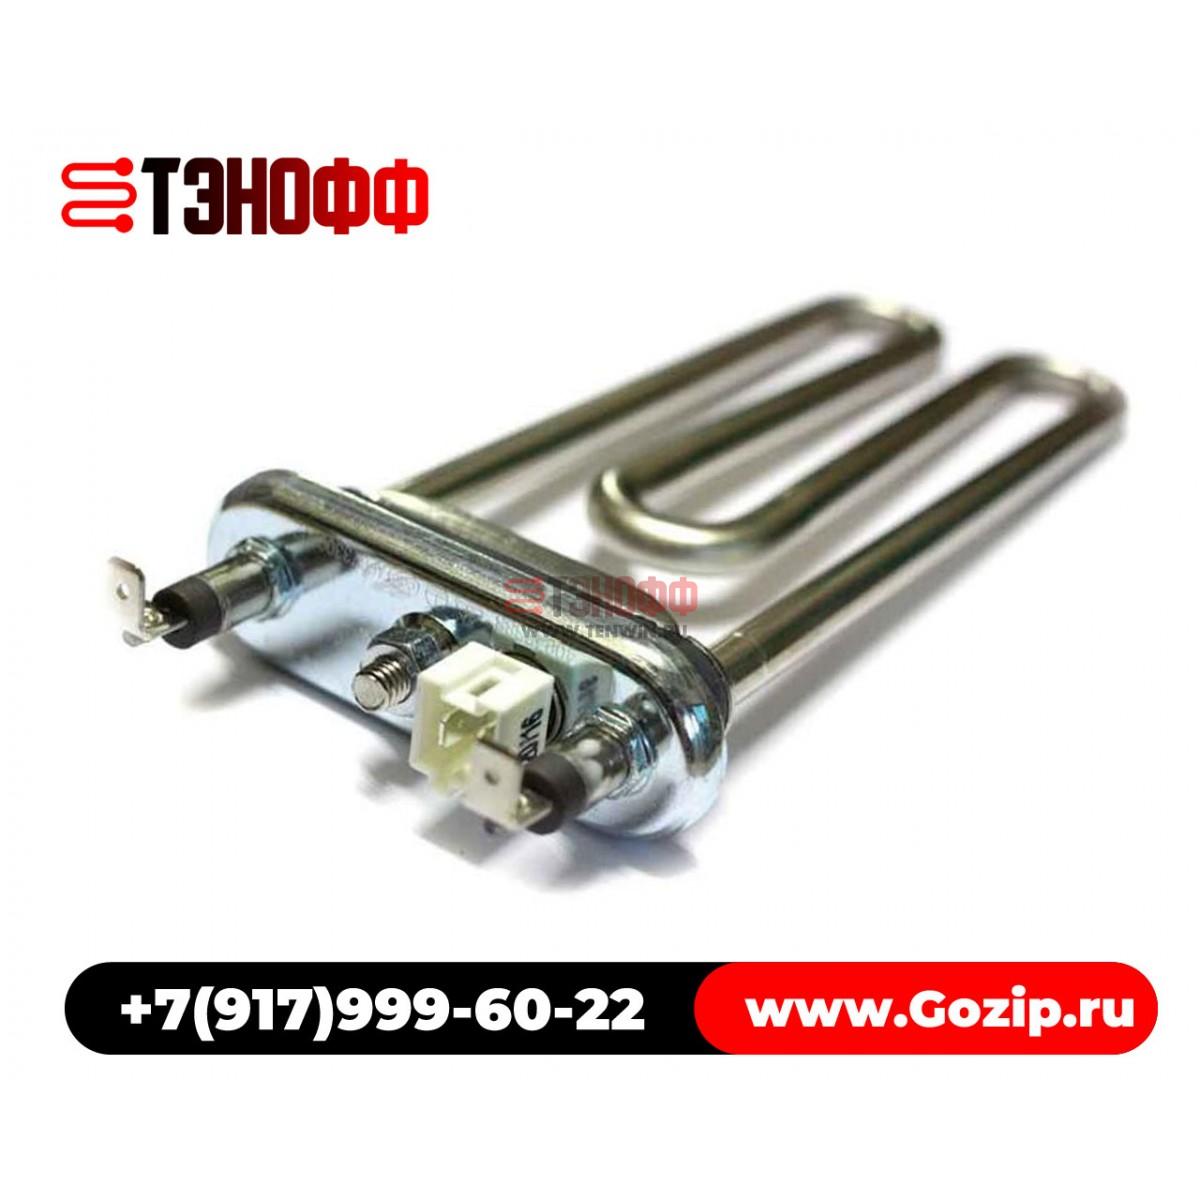 ТЭН 1600Вт Kawai  175мм, с датчиком для стиральной машины LG